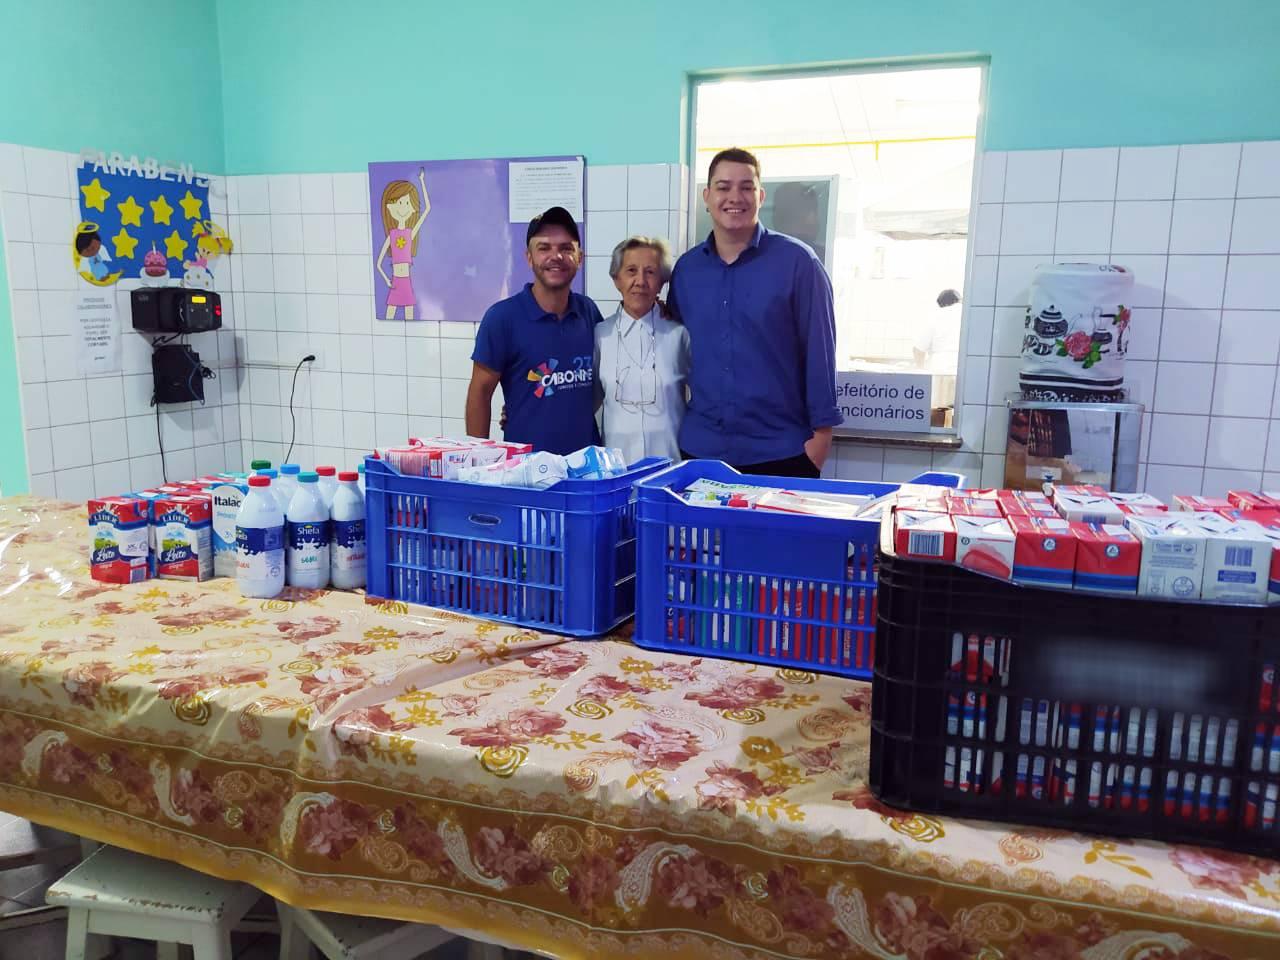 Cabonnet arrecada e doa leite para Casa das Crianças (Foto: Divulgação/Cabonnet)